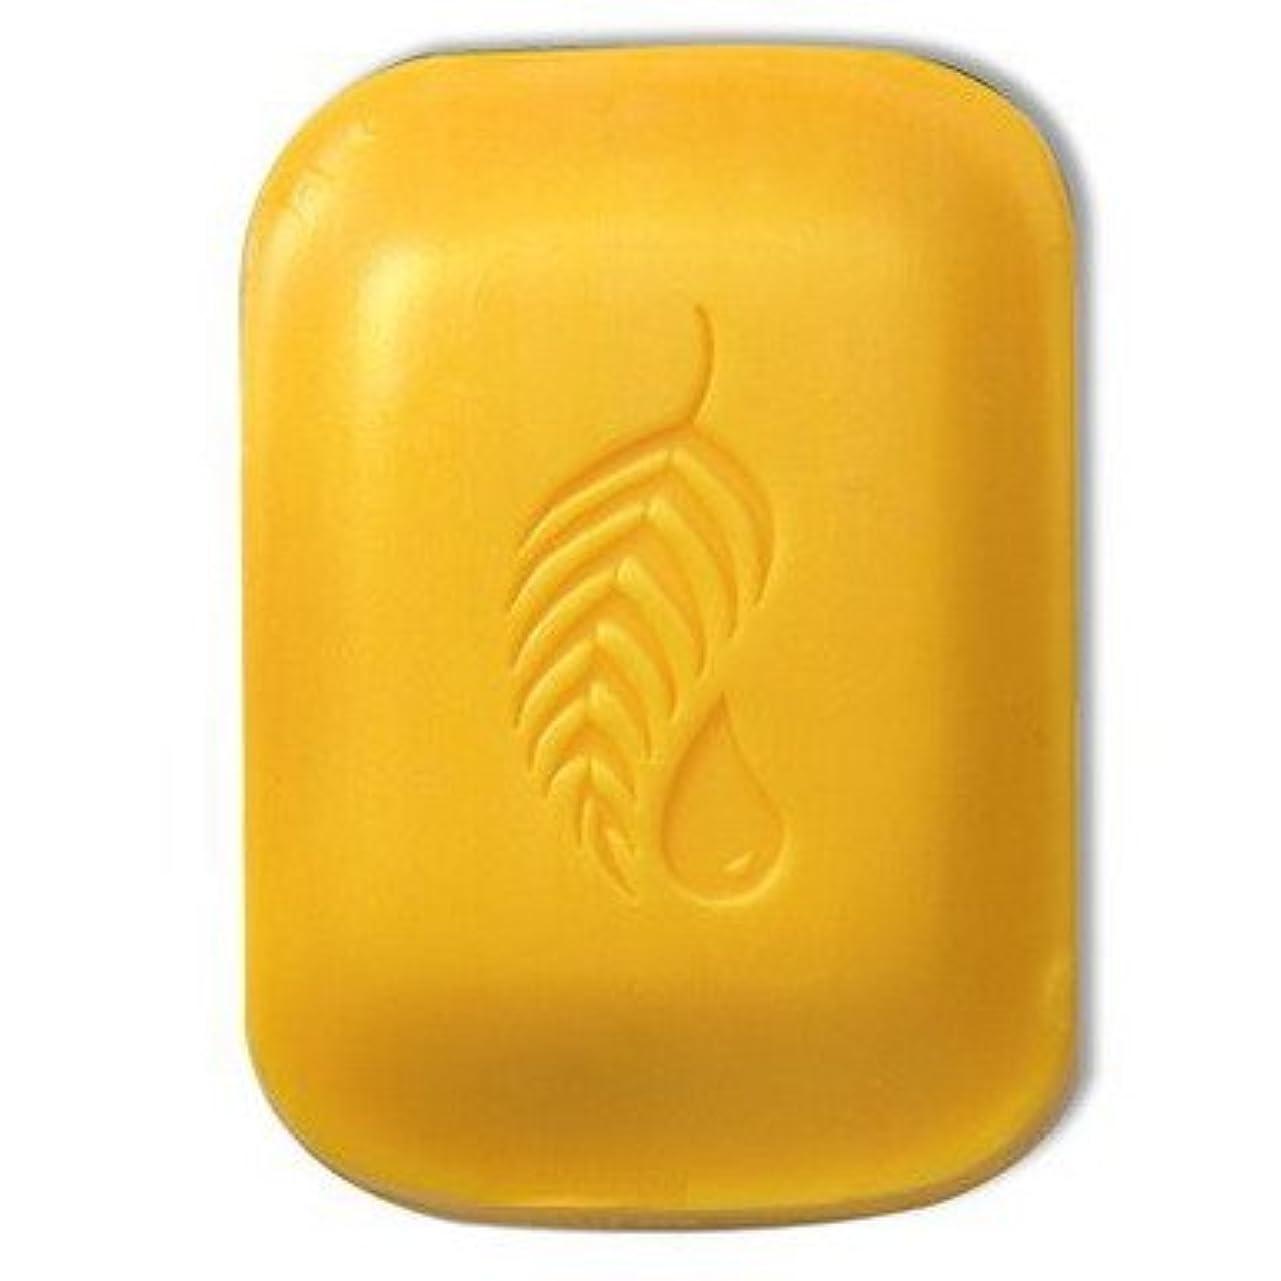 サイクロプス平方親愛な【Melaleuca(メラルーカ)】ゴールド バー トライアルサイズ42.5g [並行輸入品]